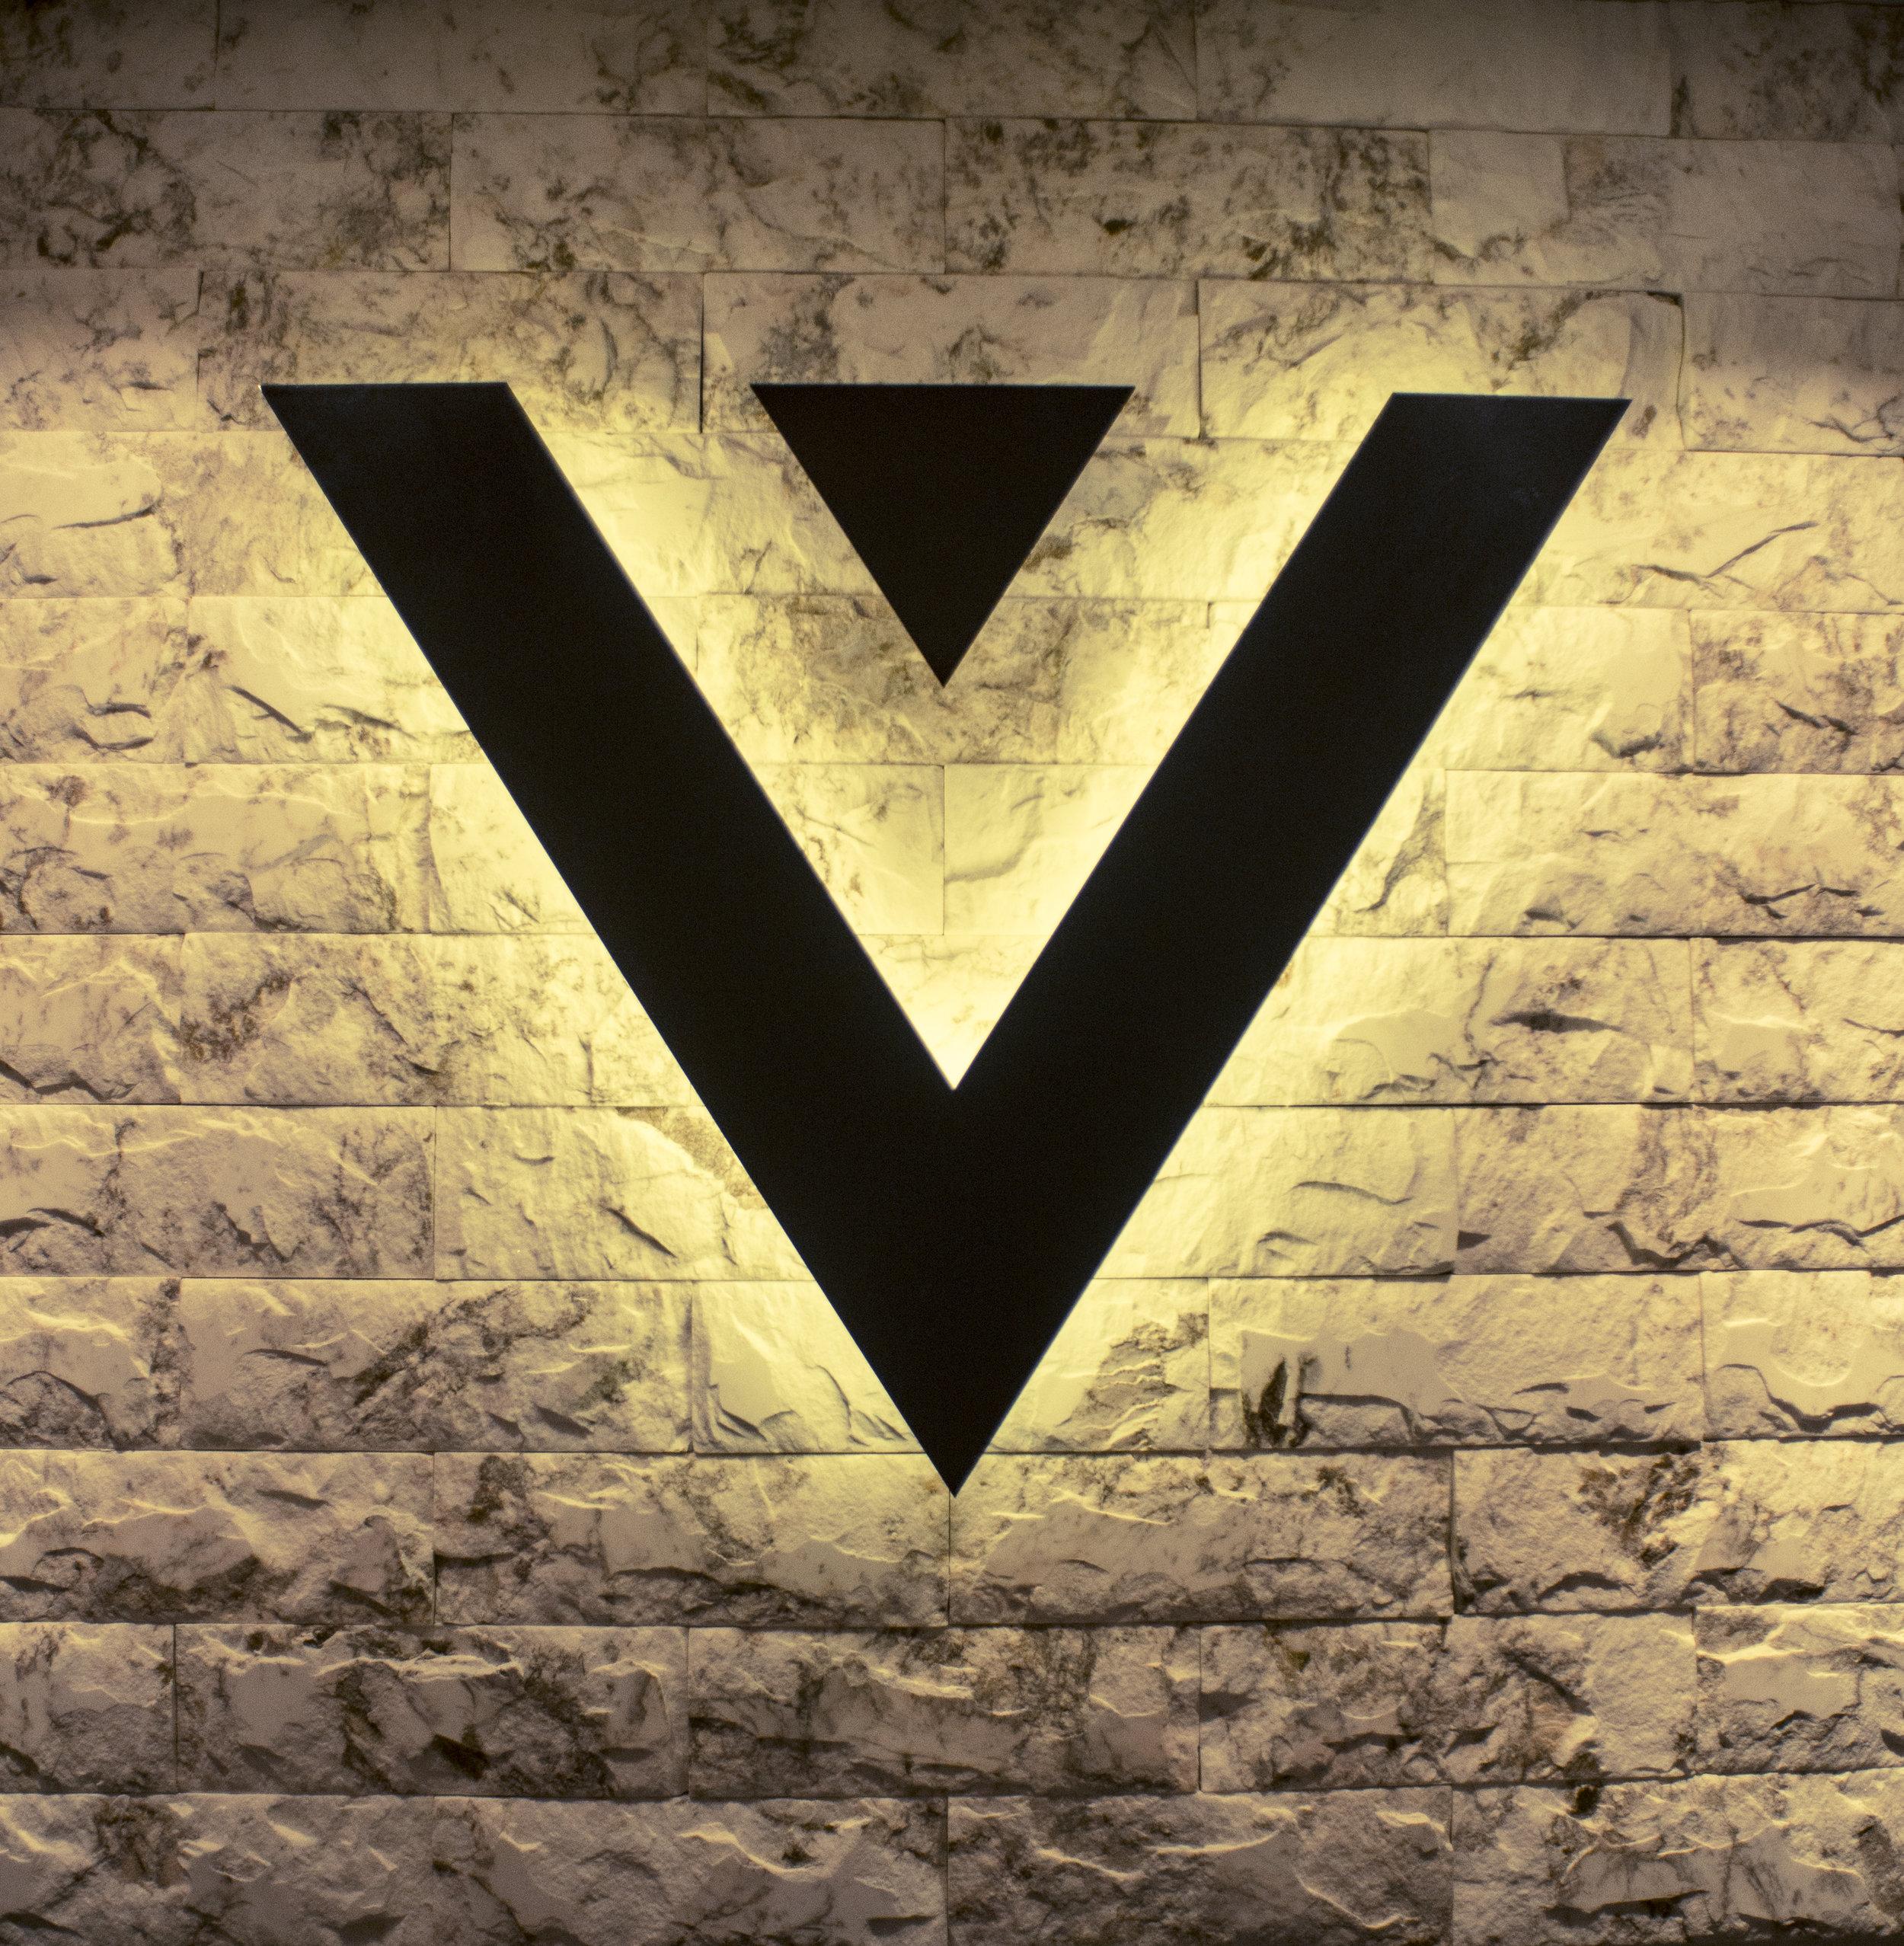 VU(a)-9.jpg